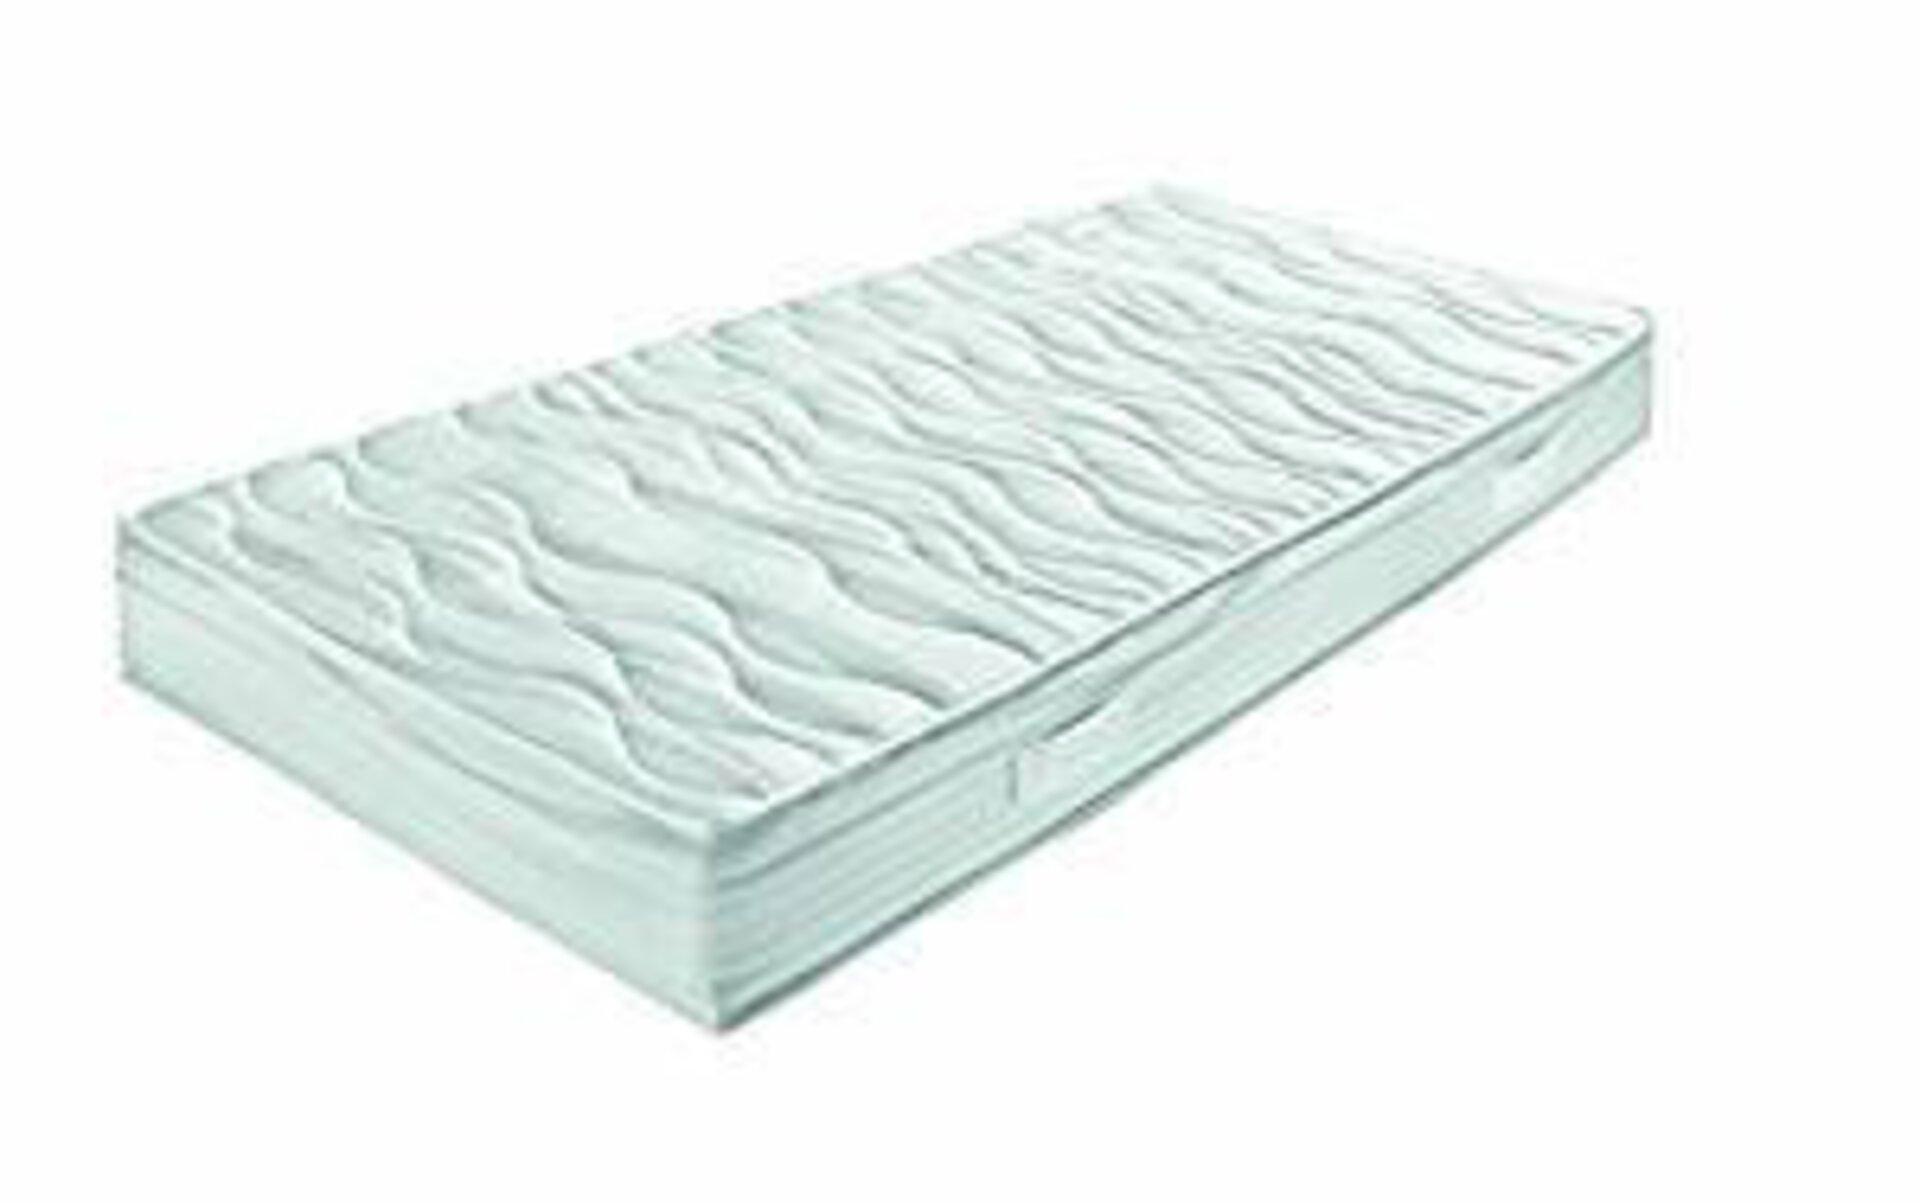 Taschenfederkernmatratze GEL SENSITIV SPRING Breckle Textil weiß 200 x 90 cm